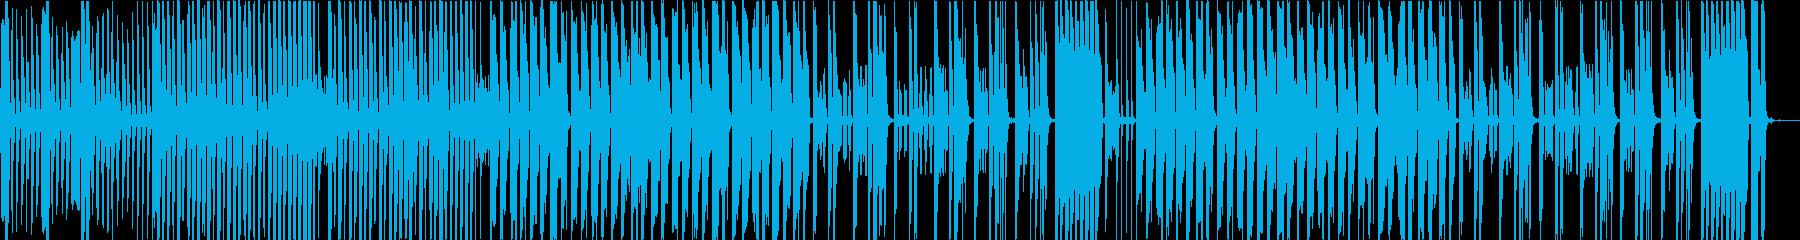 コミカル、チープな感じの日常BGMの再生済みの波形